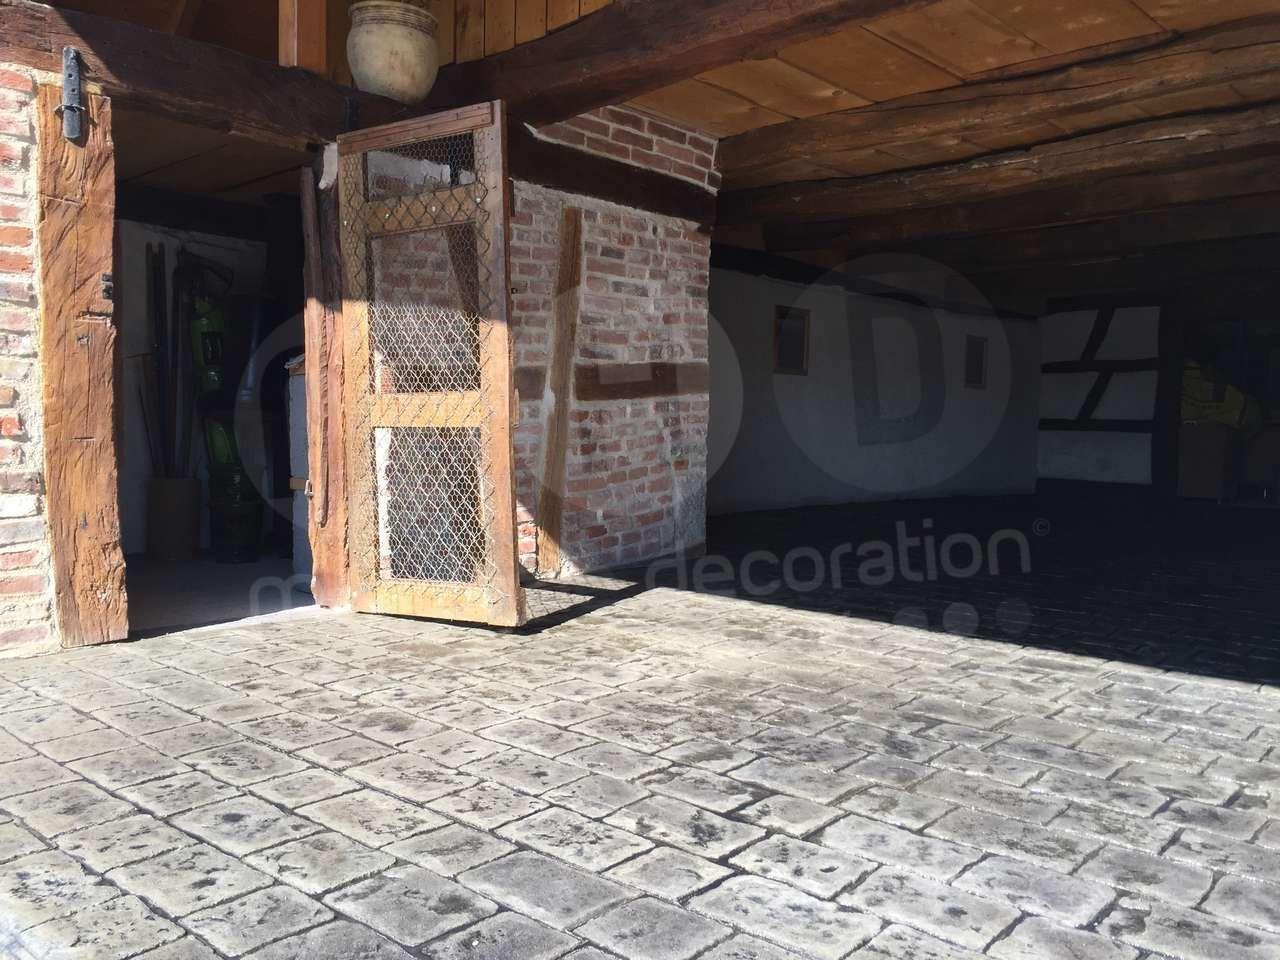 Pour Amenager Votre Grange Voici Une Belle Idee Pour Revetir Votre Sol Un Beau Beton Decoratif Imitations Vieux Paves Real Decoration Beton Beton Pave Beton